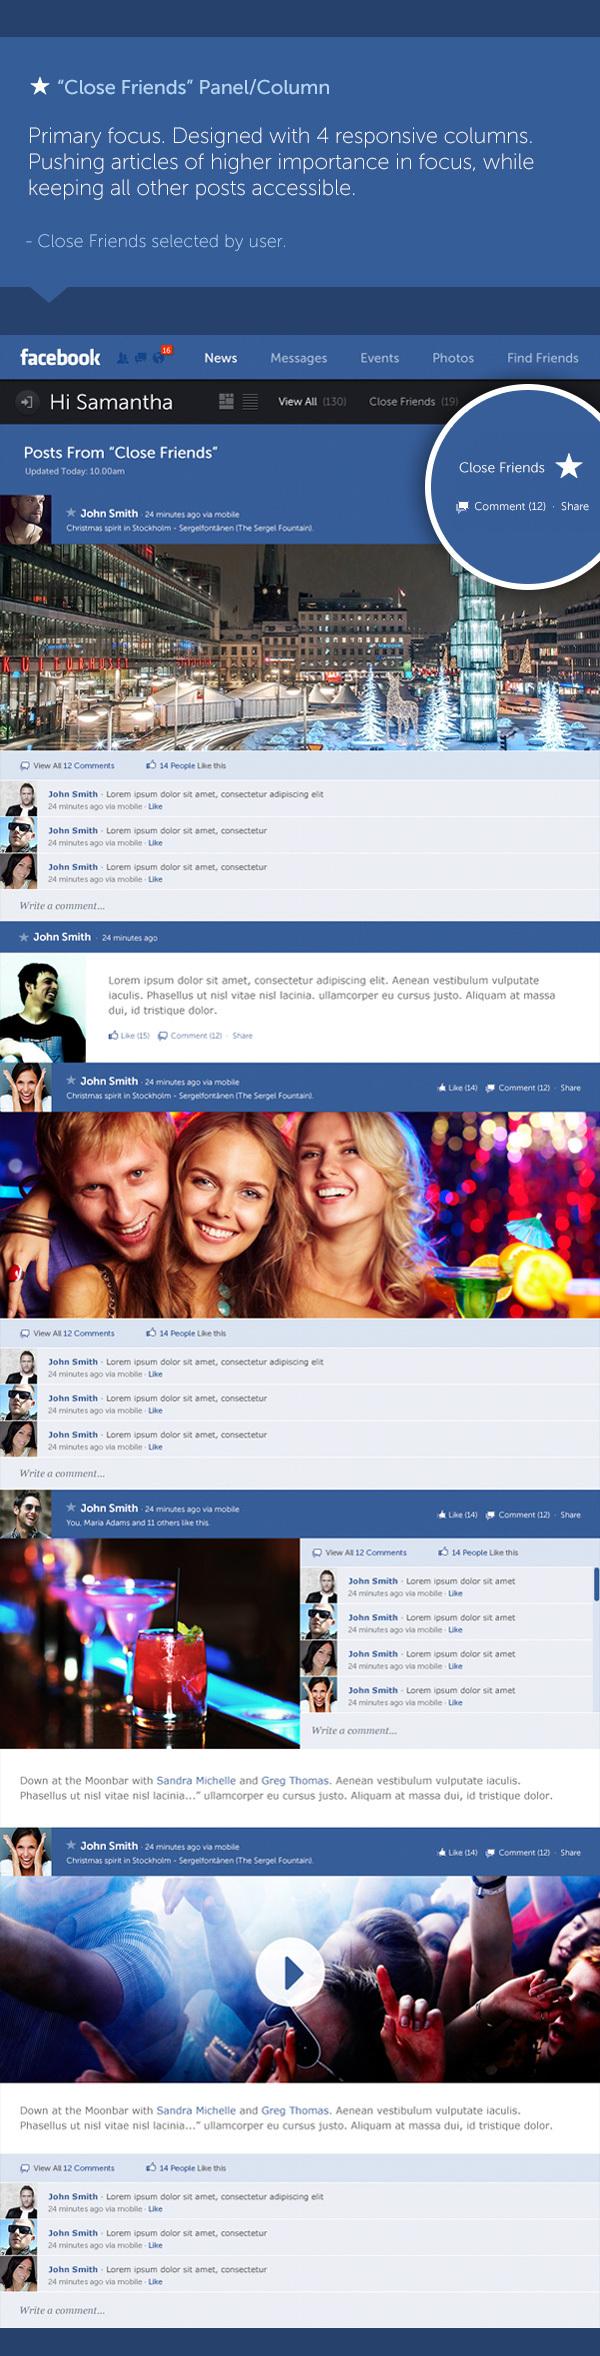 concepto de diseño facebook 5 Excelente concepto de diseño para Facebook por Fred Nerby